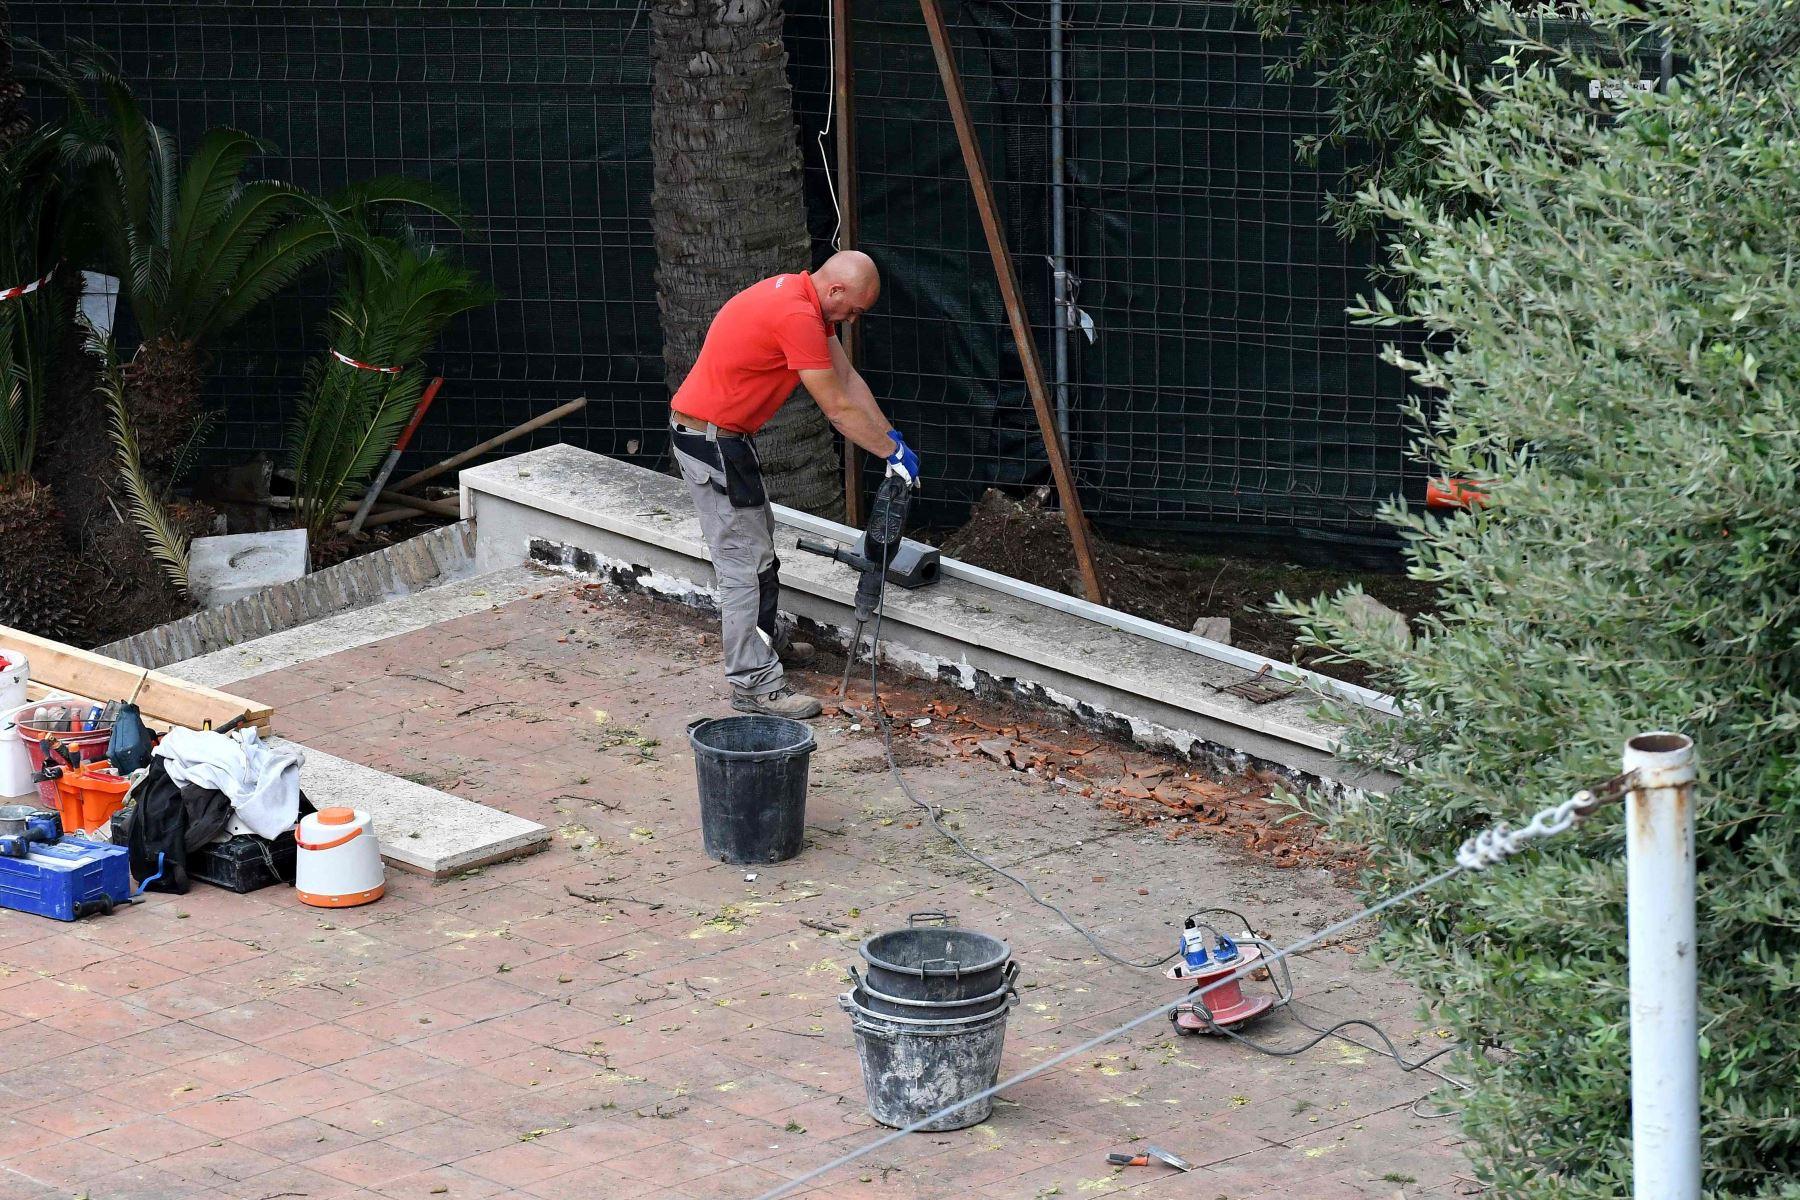 Un obrero de construcción trabaja dentro de la Nunciatura-Embajada del Vaticano en Roma Foto: AFP